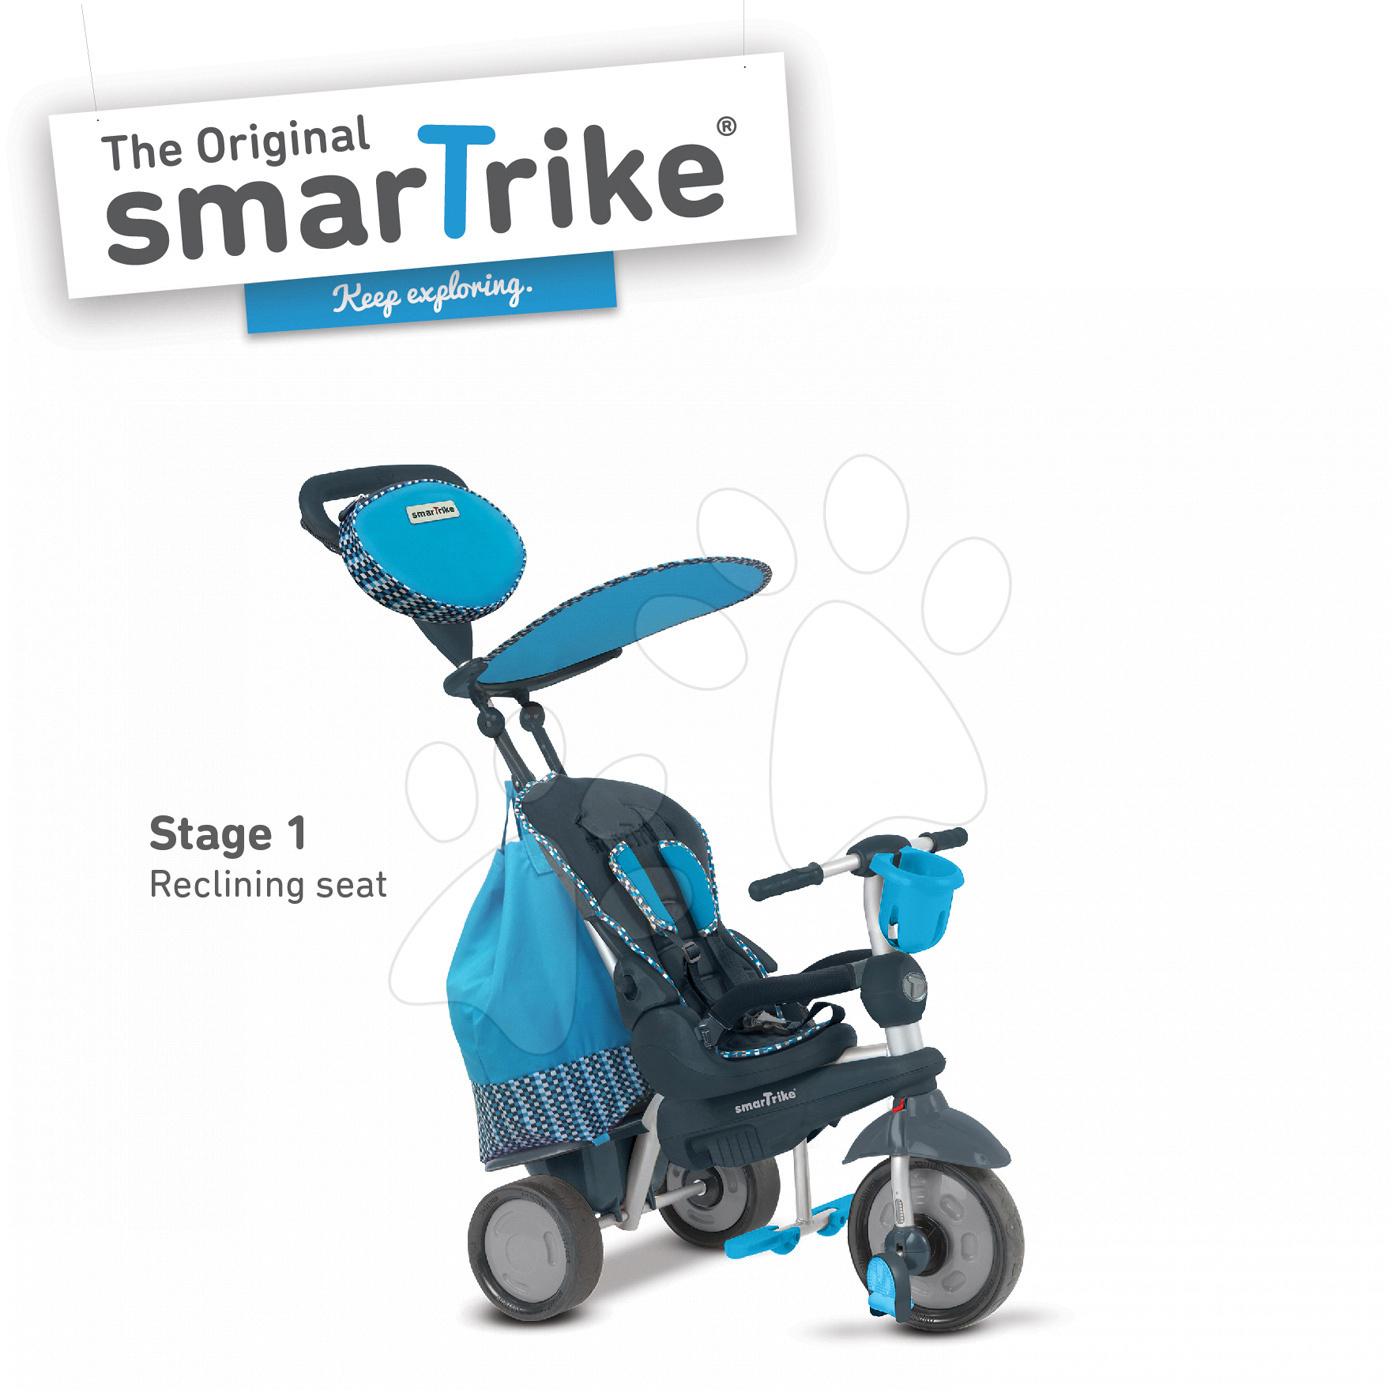 Trojkolky od 10 mesiacov - Trojkolka Splash 5v1 Blue smarTrike 360° riadenie s polohovateľnou opierkou modro-šedá od 10 mes